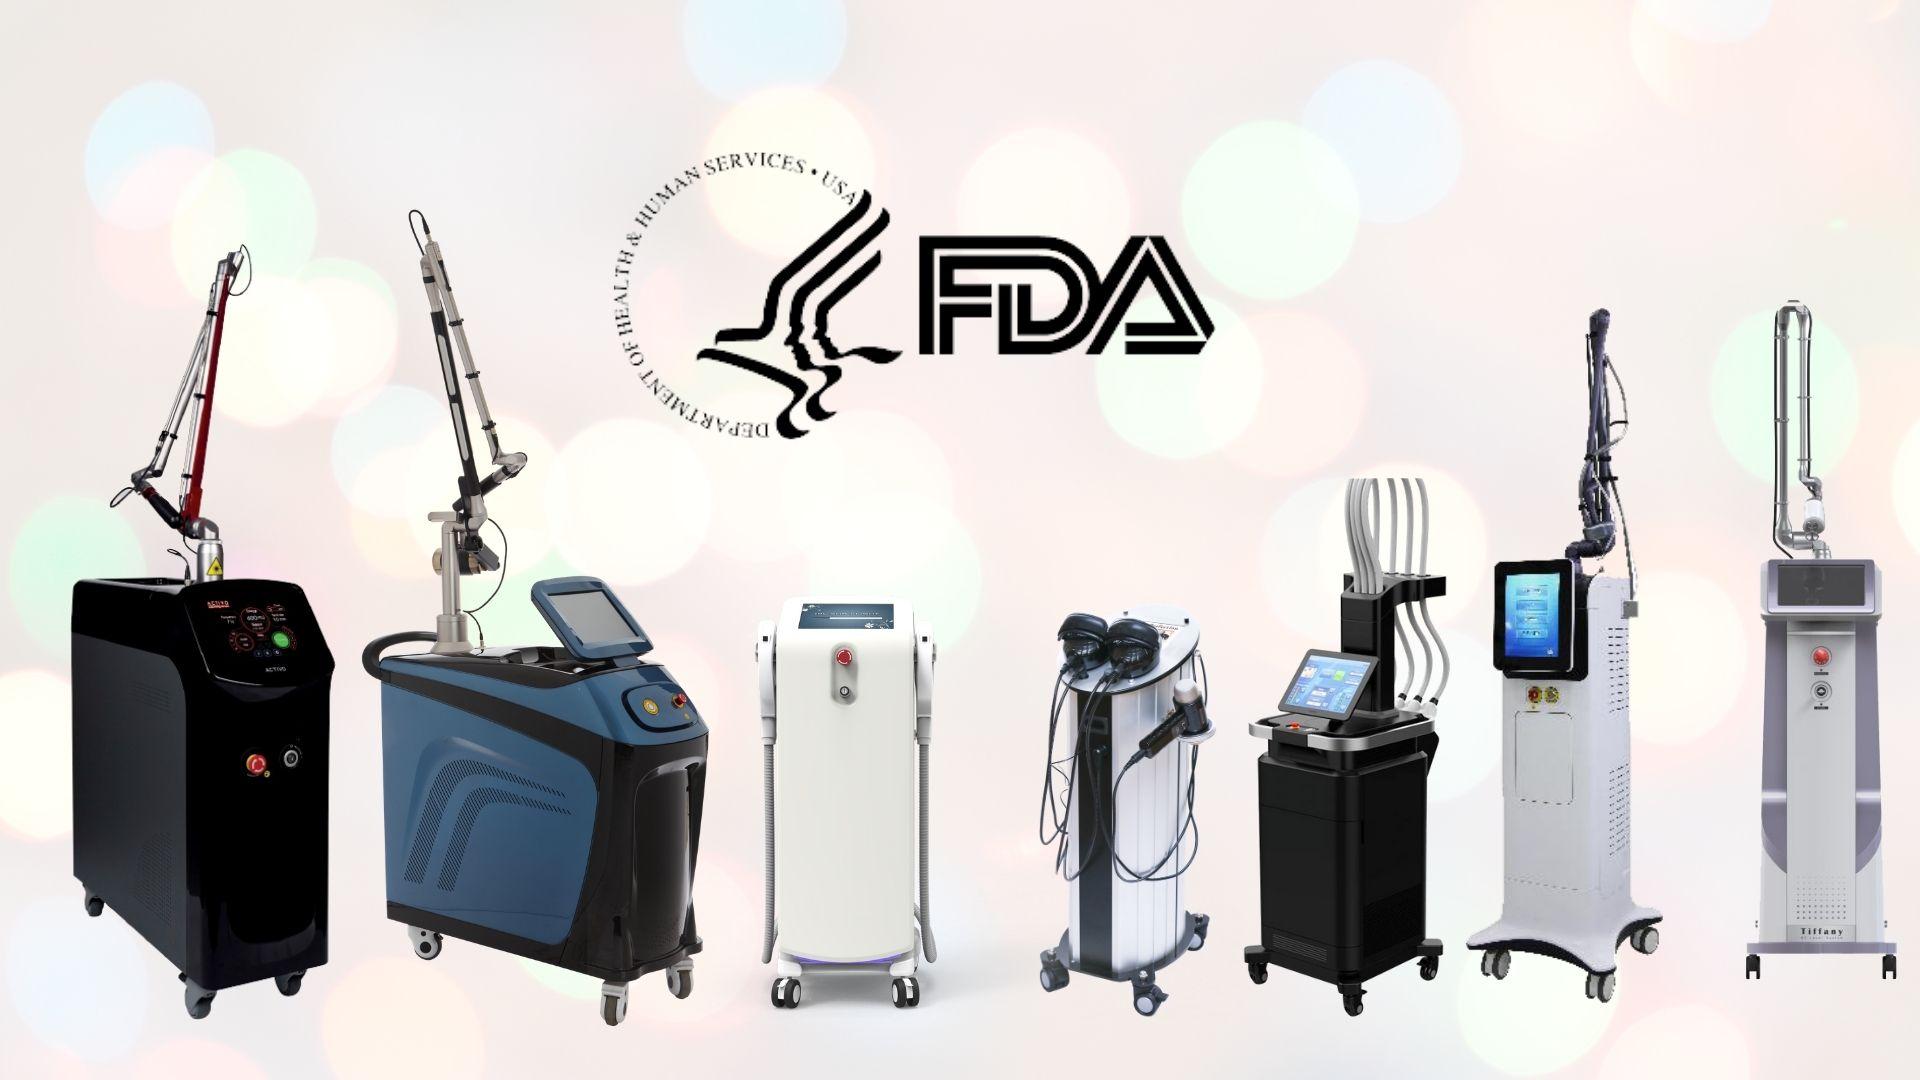 Thiết bị Thẩm mỹ cấp chứng nhận FDA